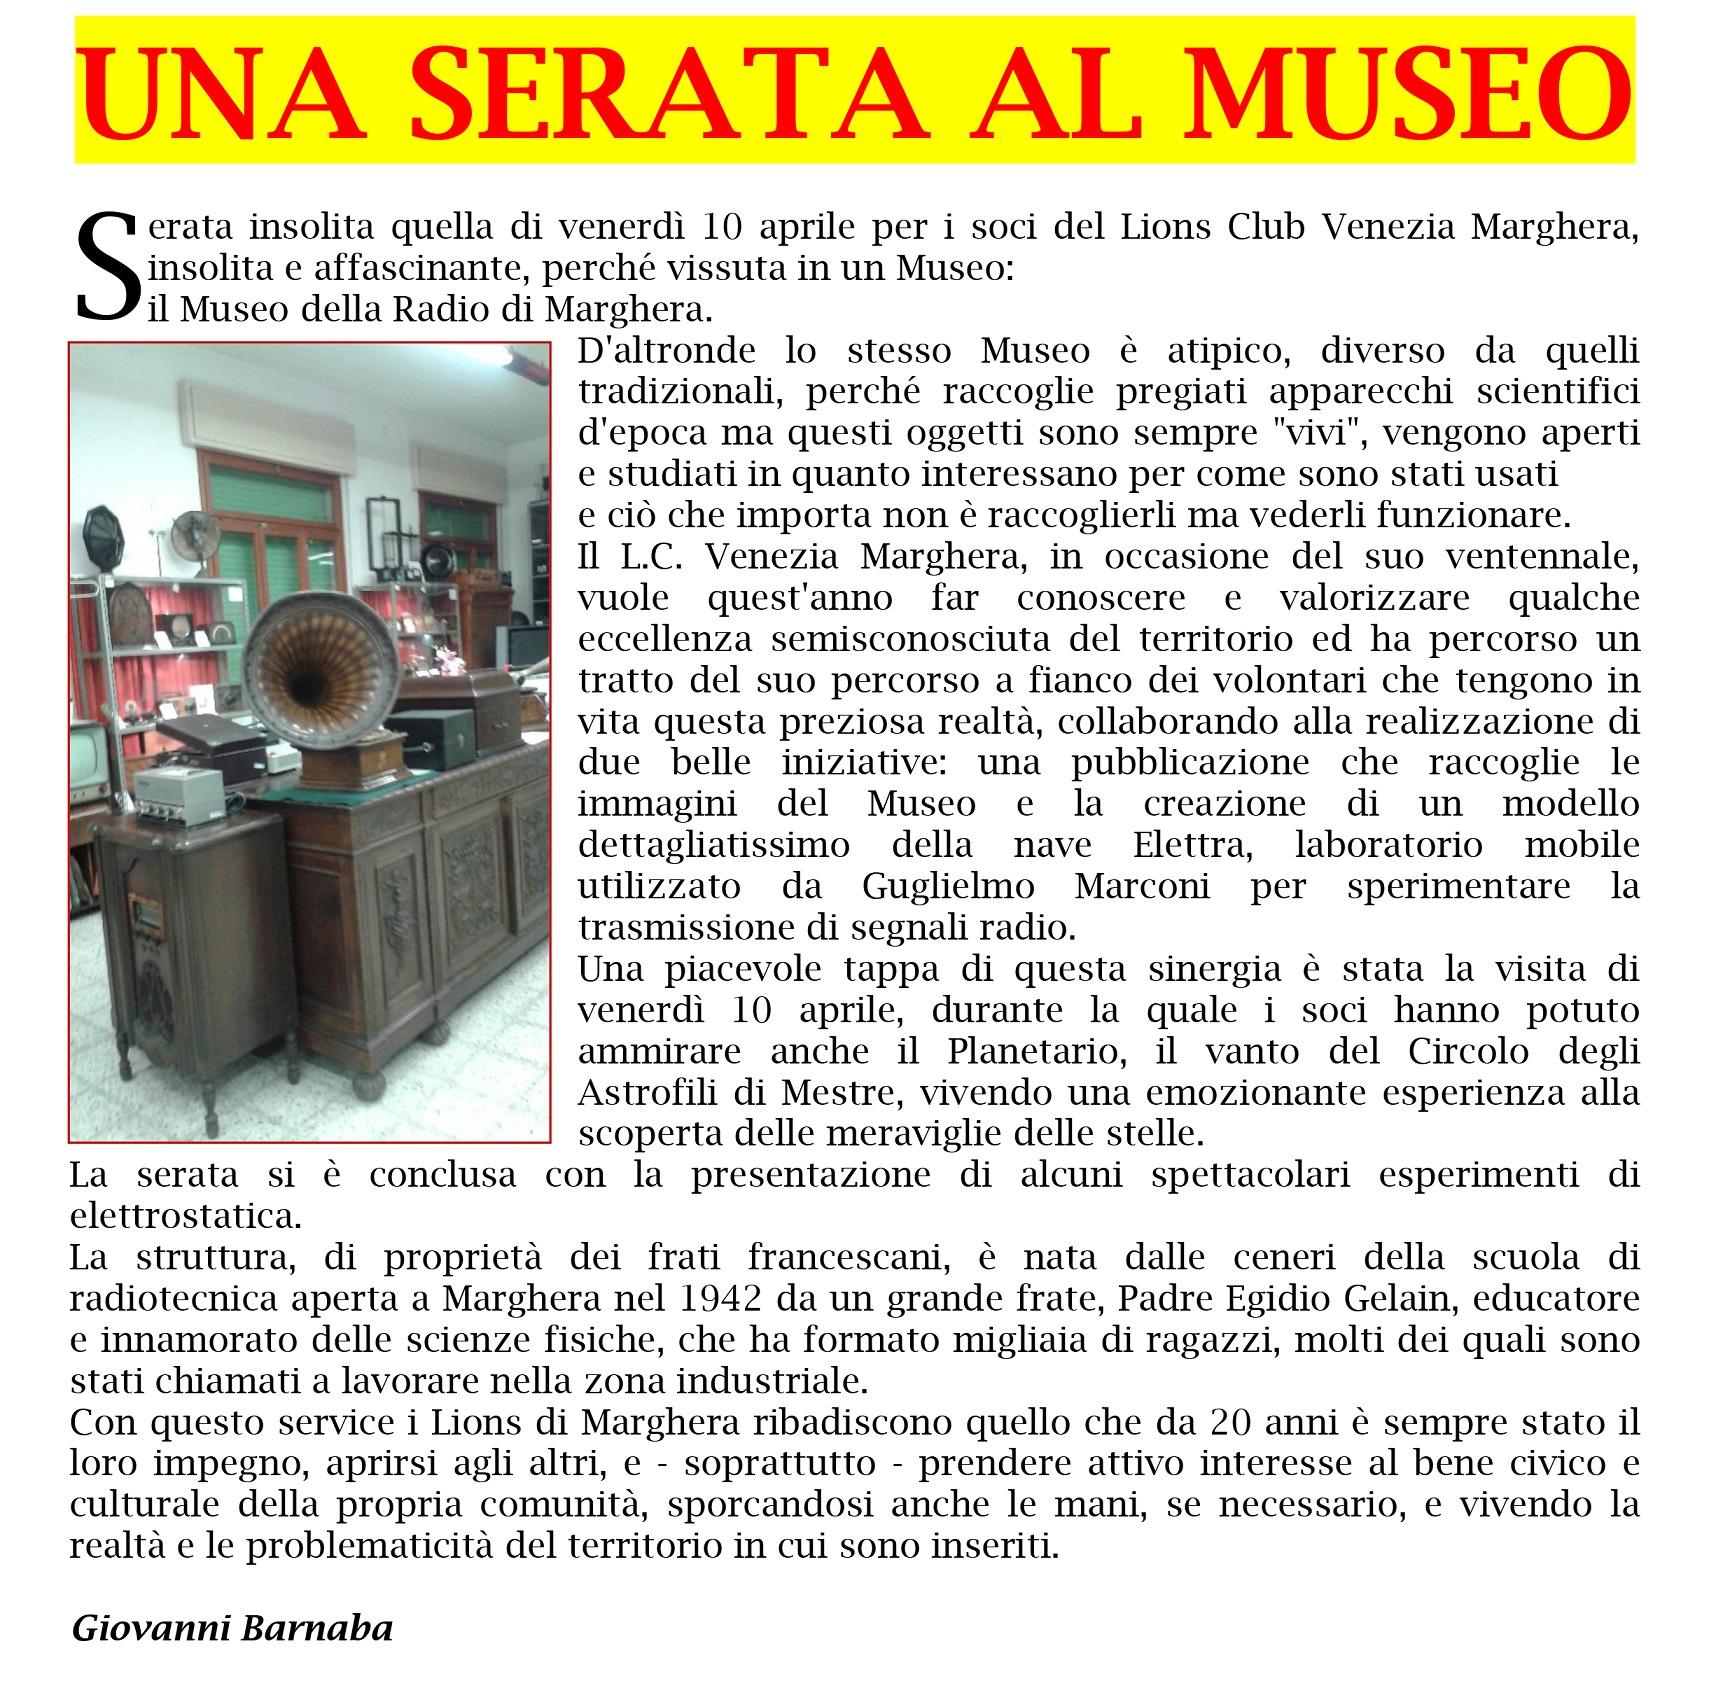 MUSEO DELLA RADIO DI MARGHERA